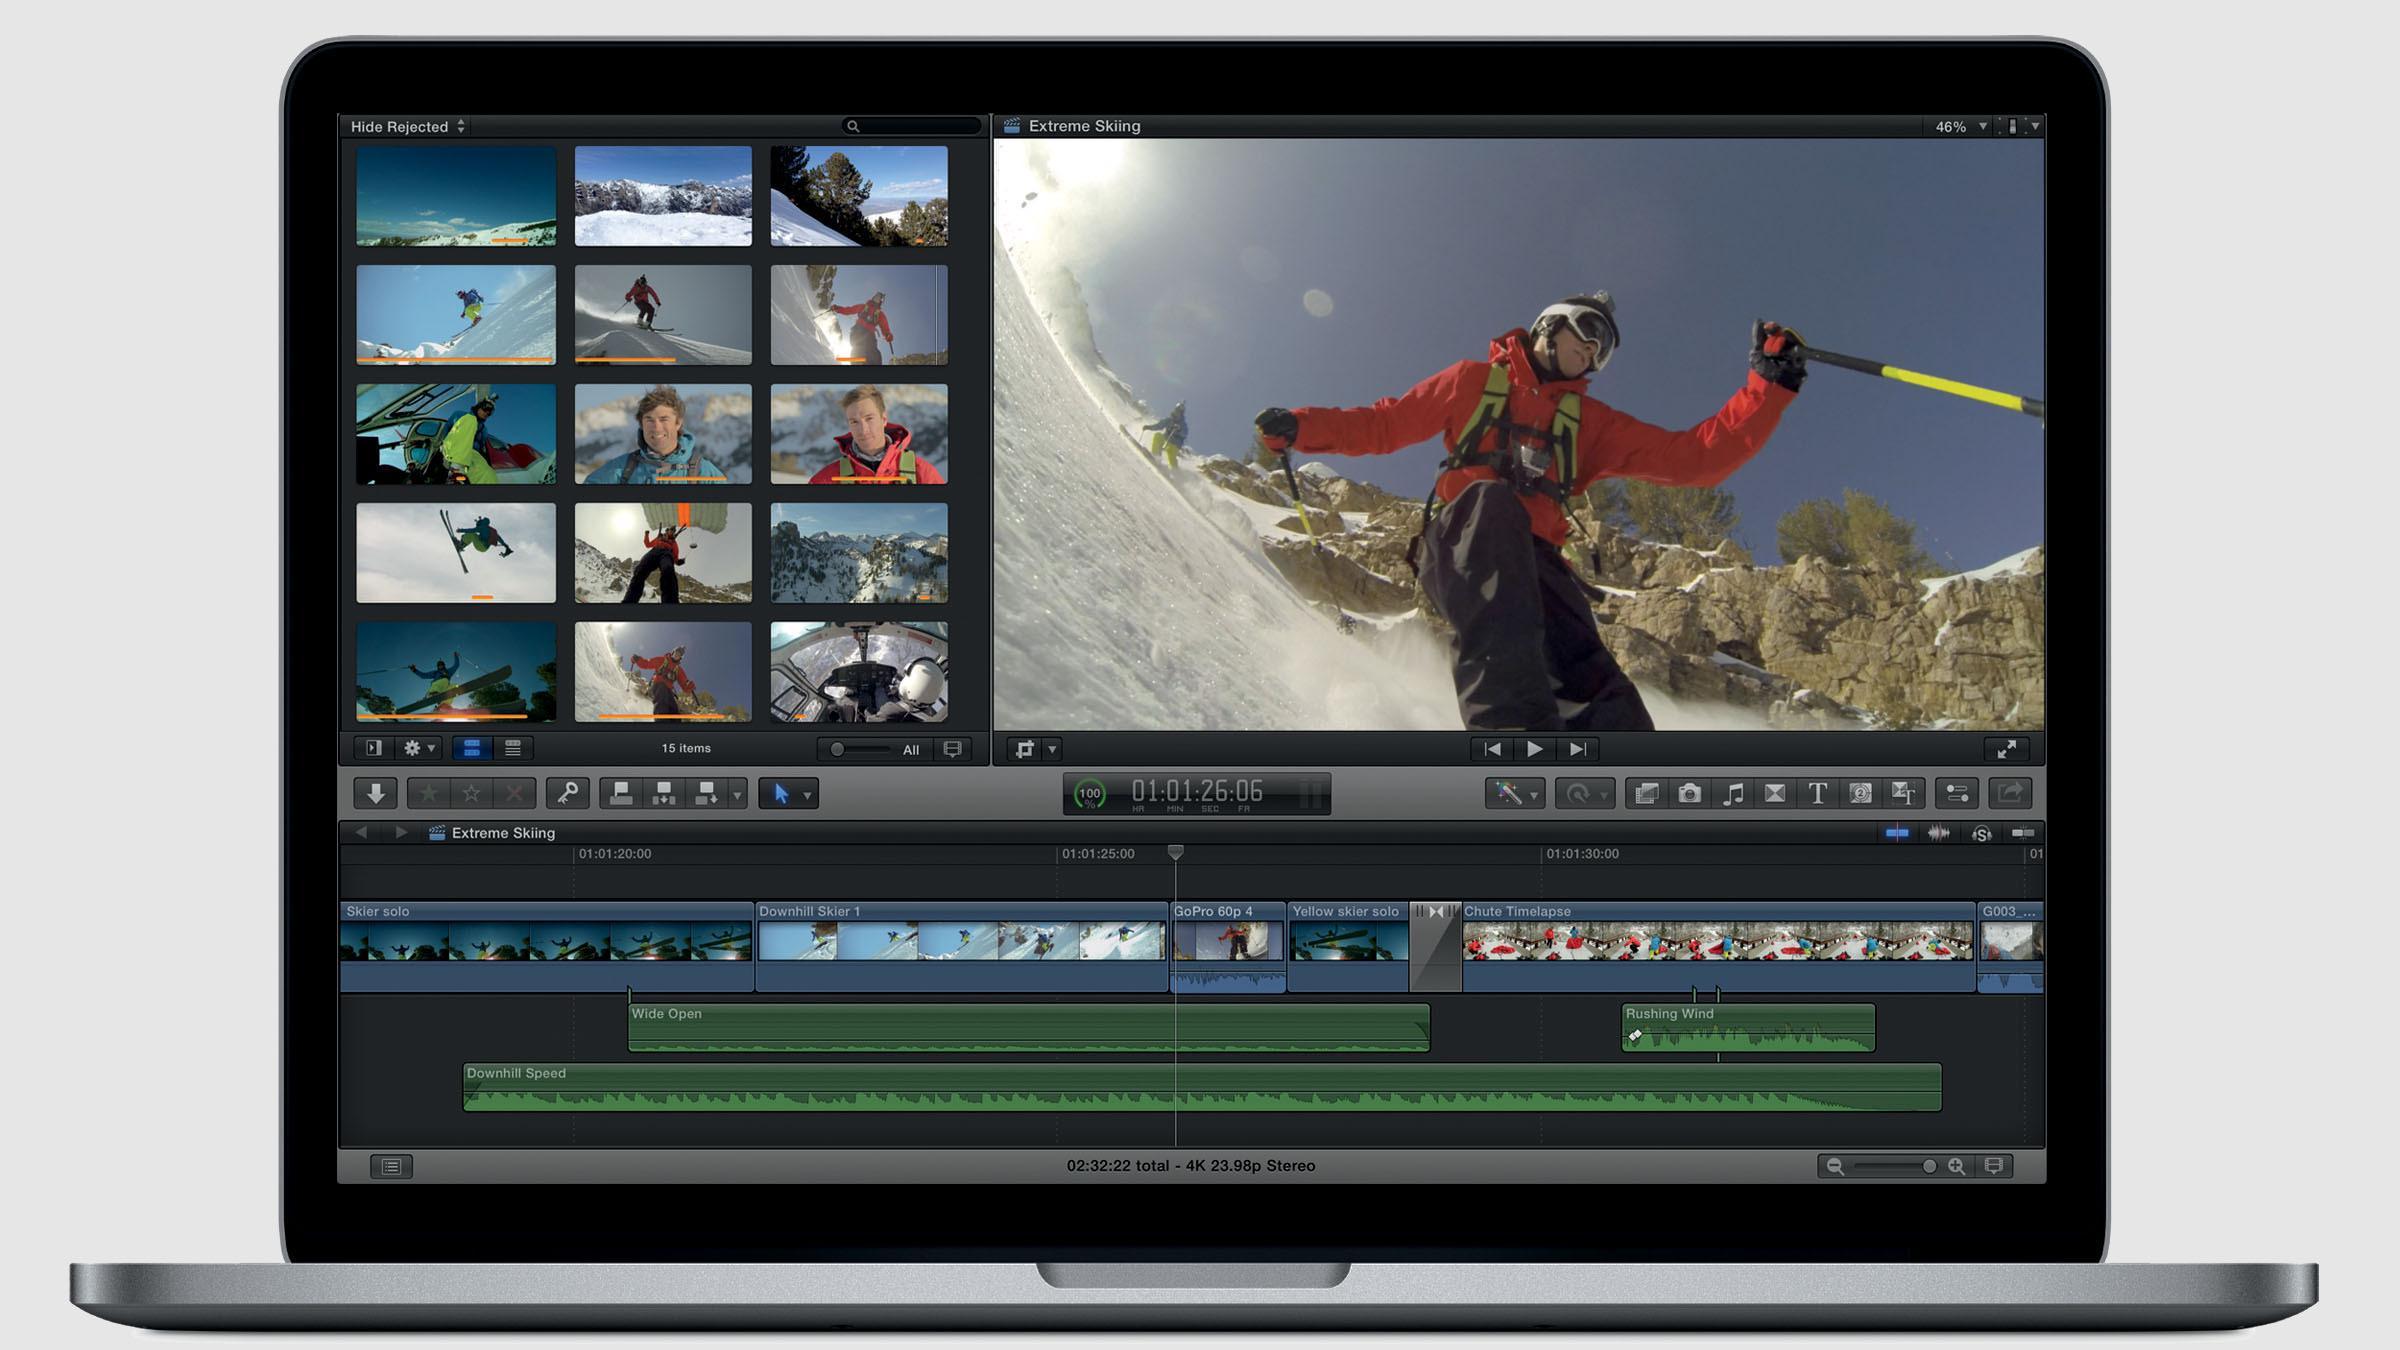 Bedre 3D-støtte i Apples profesjonelle videoprogramvare